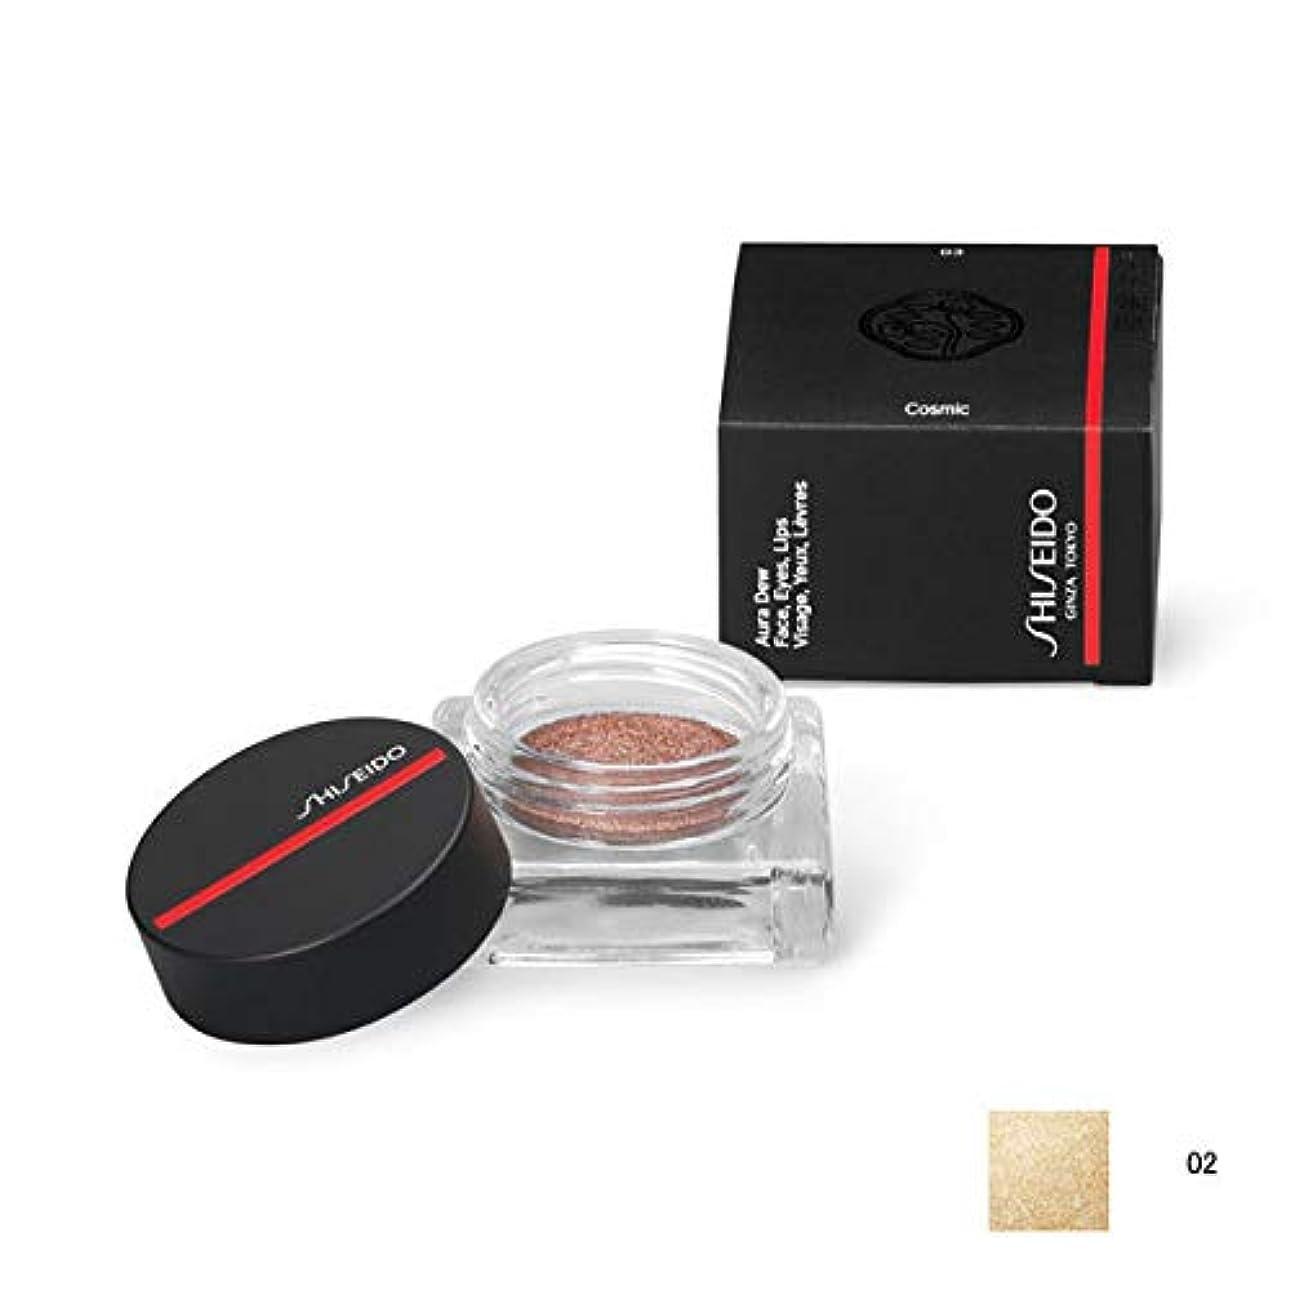 公使館キャップ落ち着くSHISEIDO Makeup(資生堂 メーキャップ) SHISEIDO(資生堂) SHISEIDO オーラデュウ プリズム 4.8g (02)